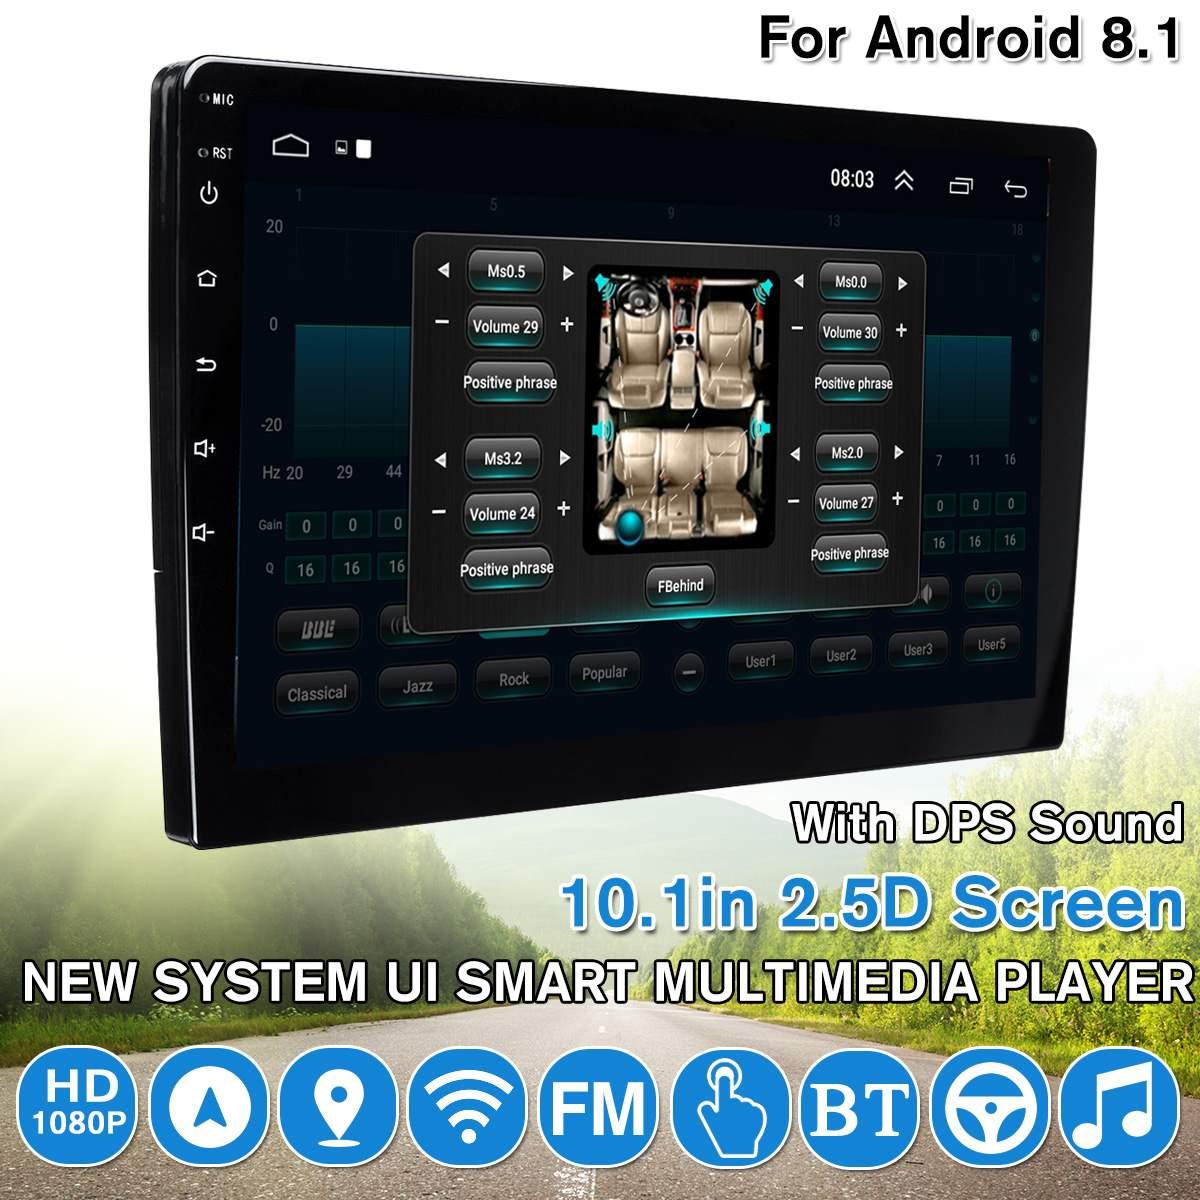 10.1 pouces Android 8.1 autoradio lecteur vidéo DPS son stéréo 2.5D écran WIFI GPS DVR FM Quad Core UI lecteur multimédia intelligent